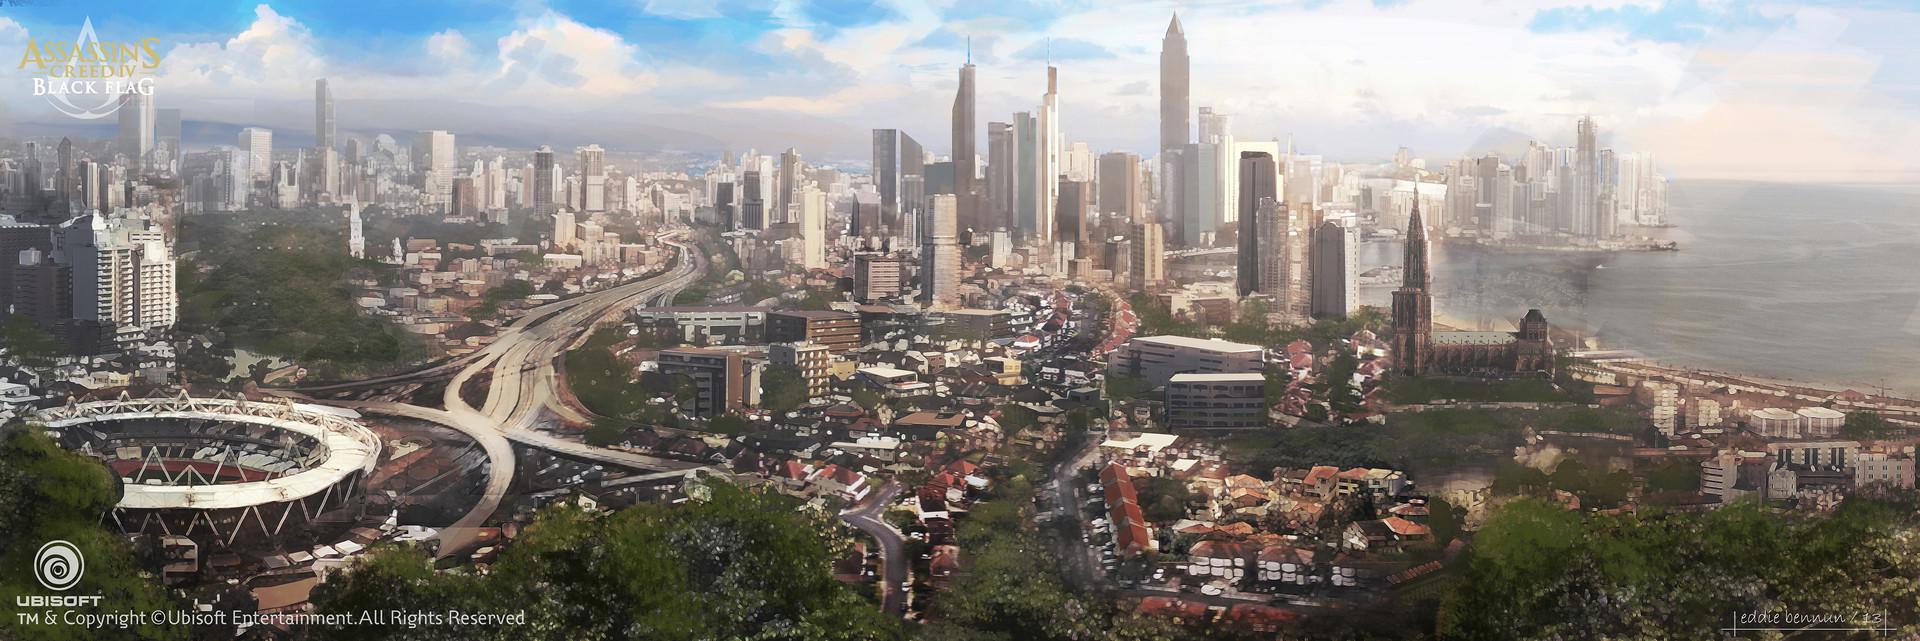 eddie-bennun-acbf-ev-abstergo-cityview-version2-eddiebennun